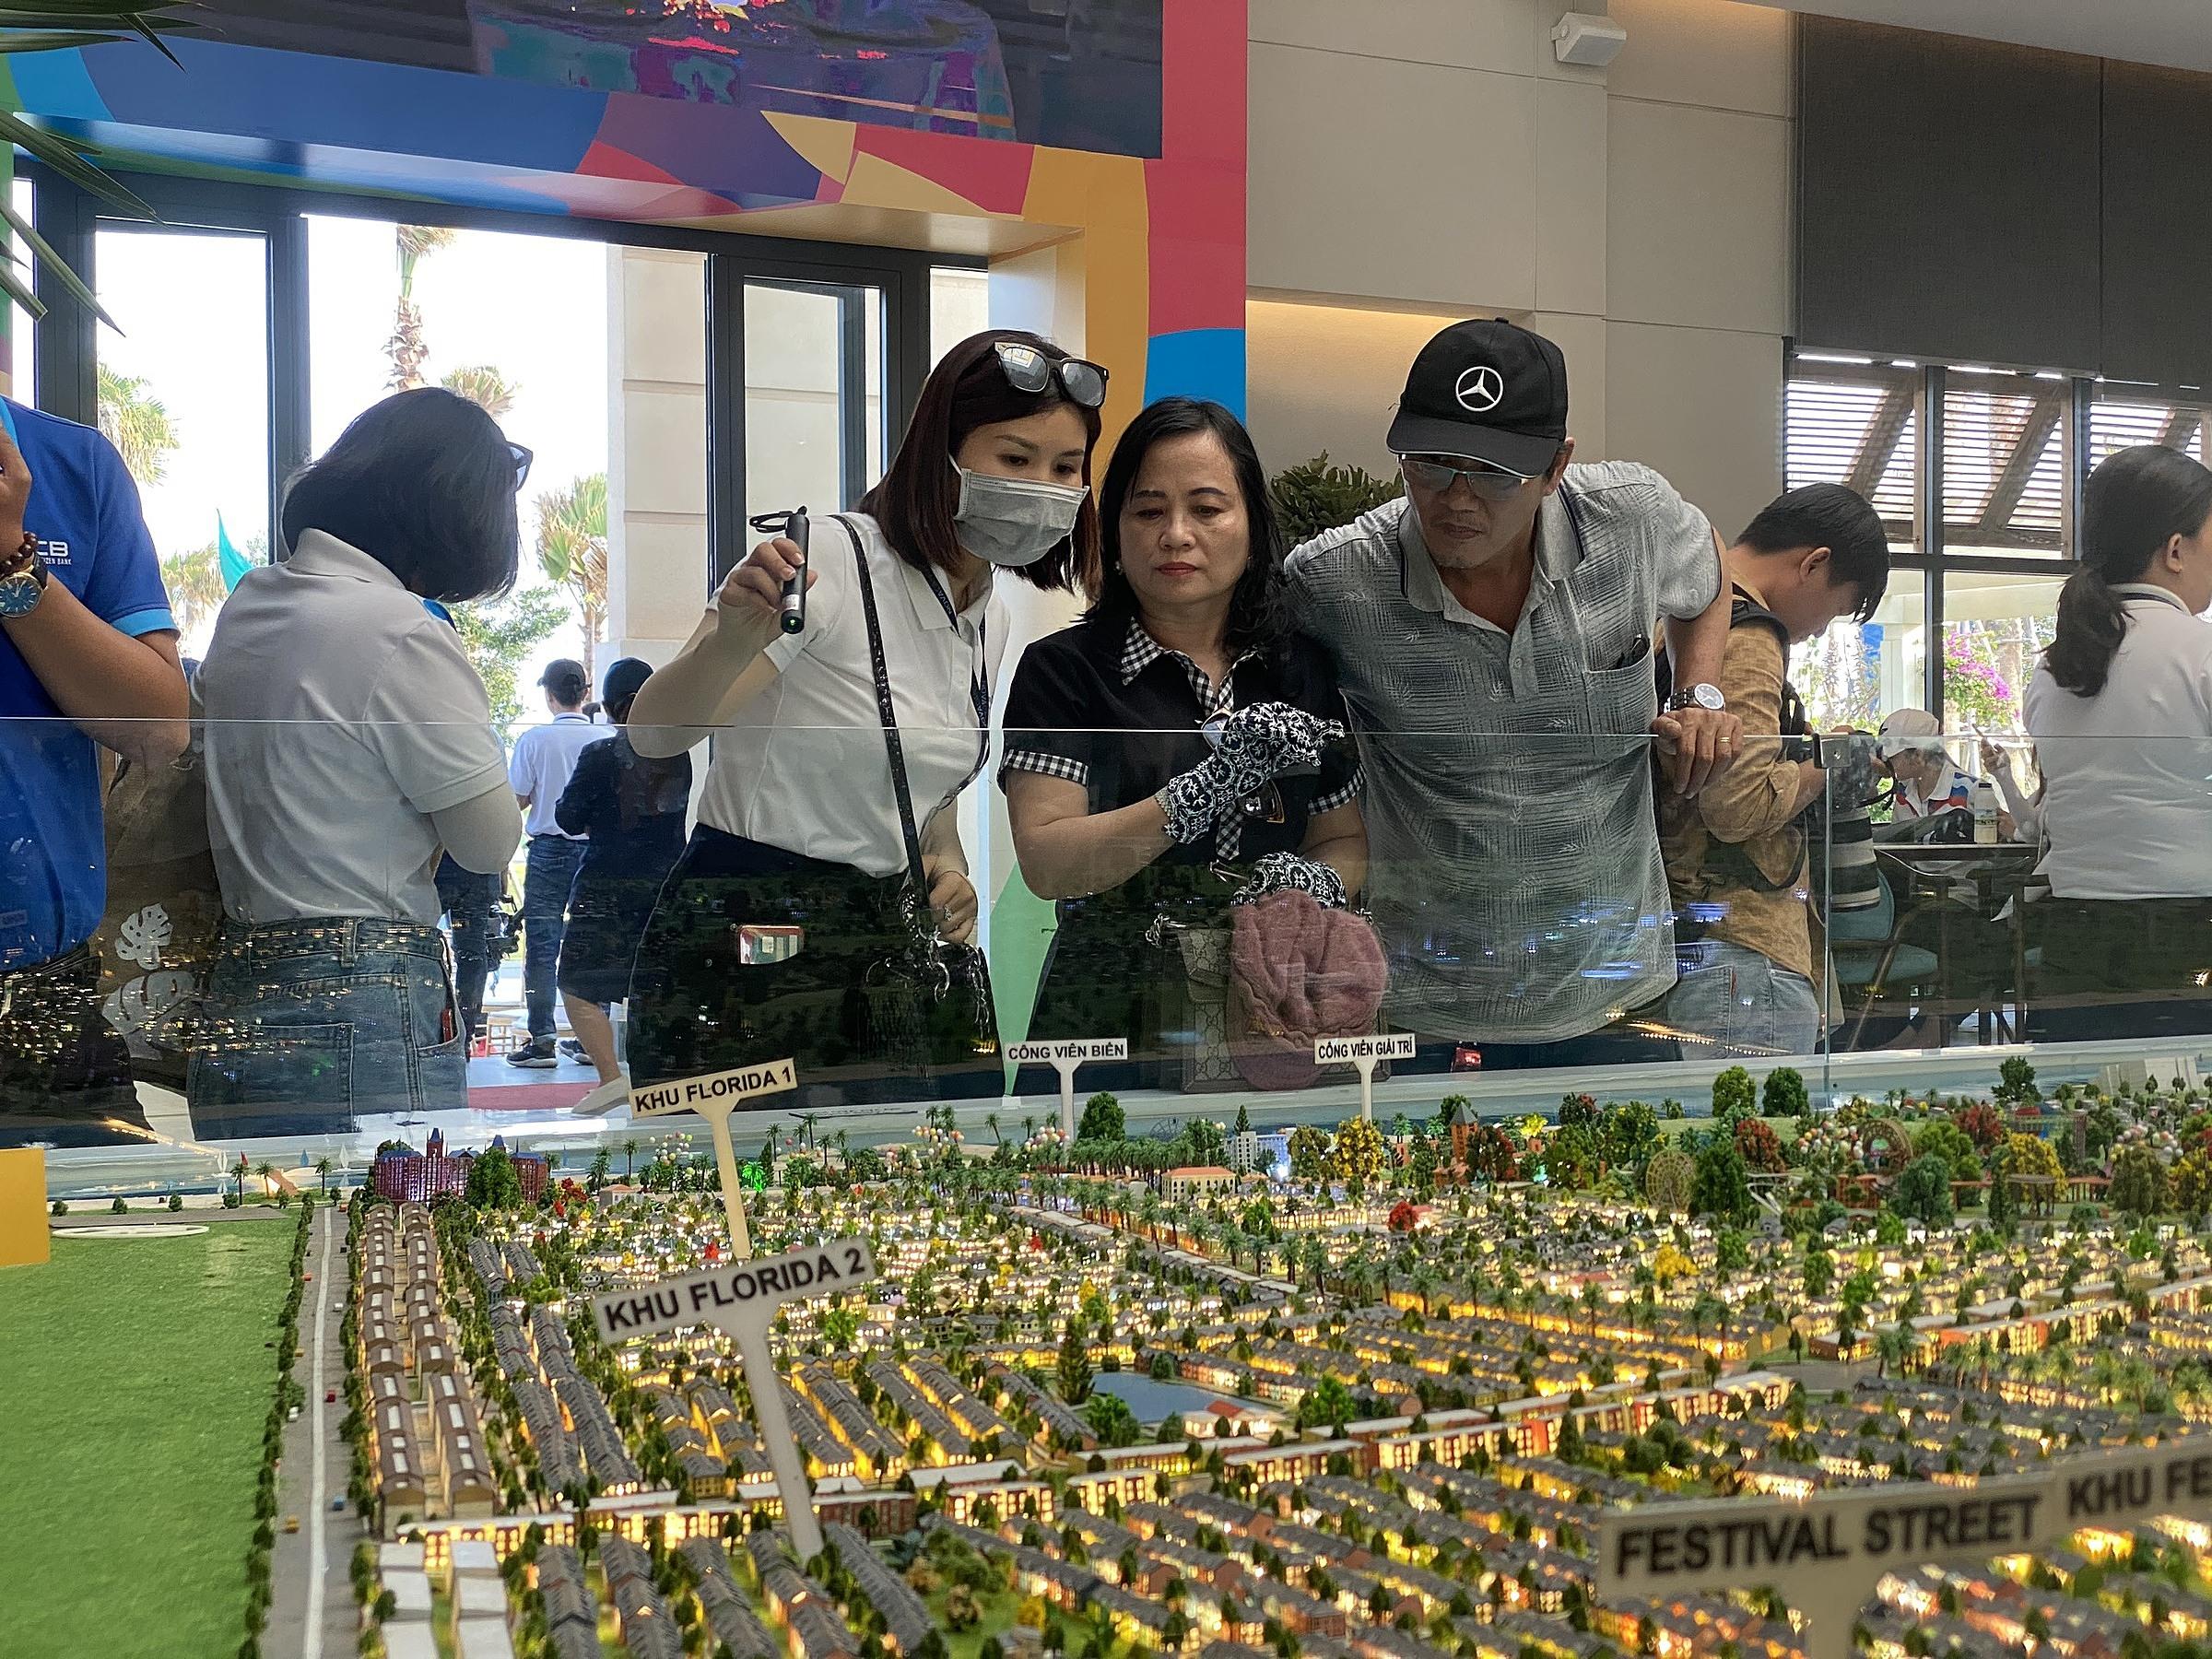 Khách hàng đang xem sa bàn một dự án bất động sản nghỉ dưỡng tại Phan Thiết (Bình Thuận) hồi đầu tháng 4/2021. Ảnh: Tất Đạt.